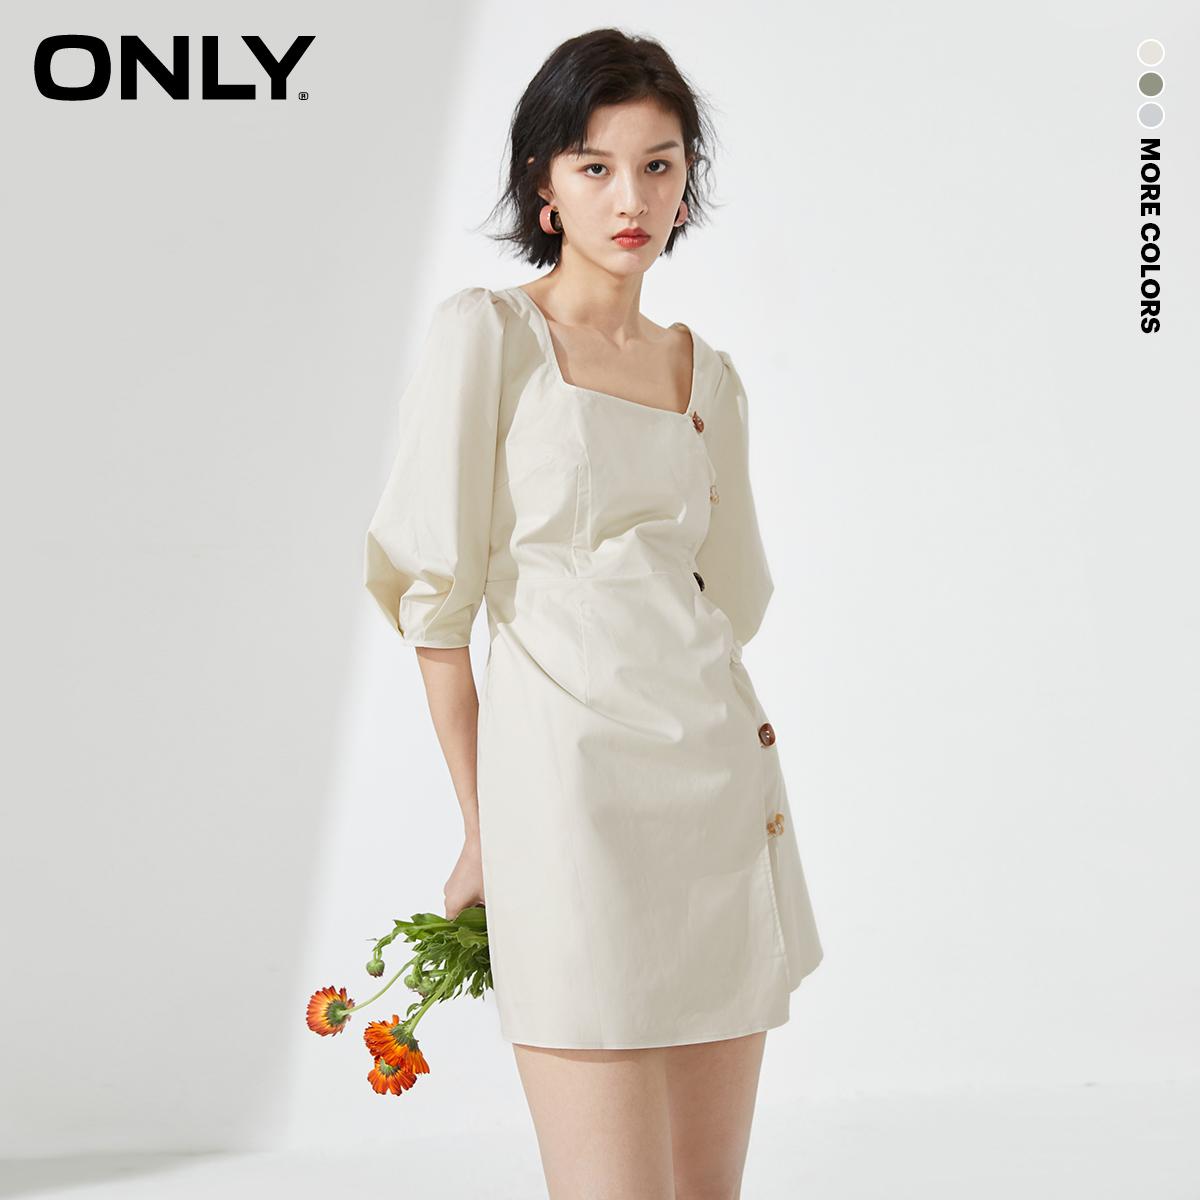 ONLY春季新款法式复古泡泡袖设计感方领短款连衣裙女|120207570